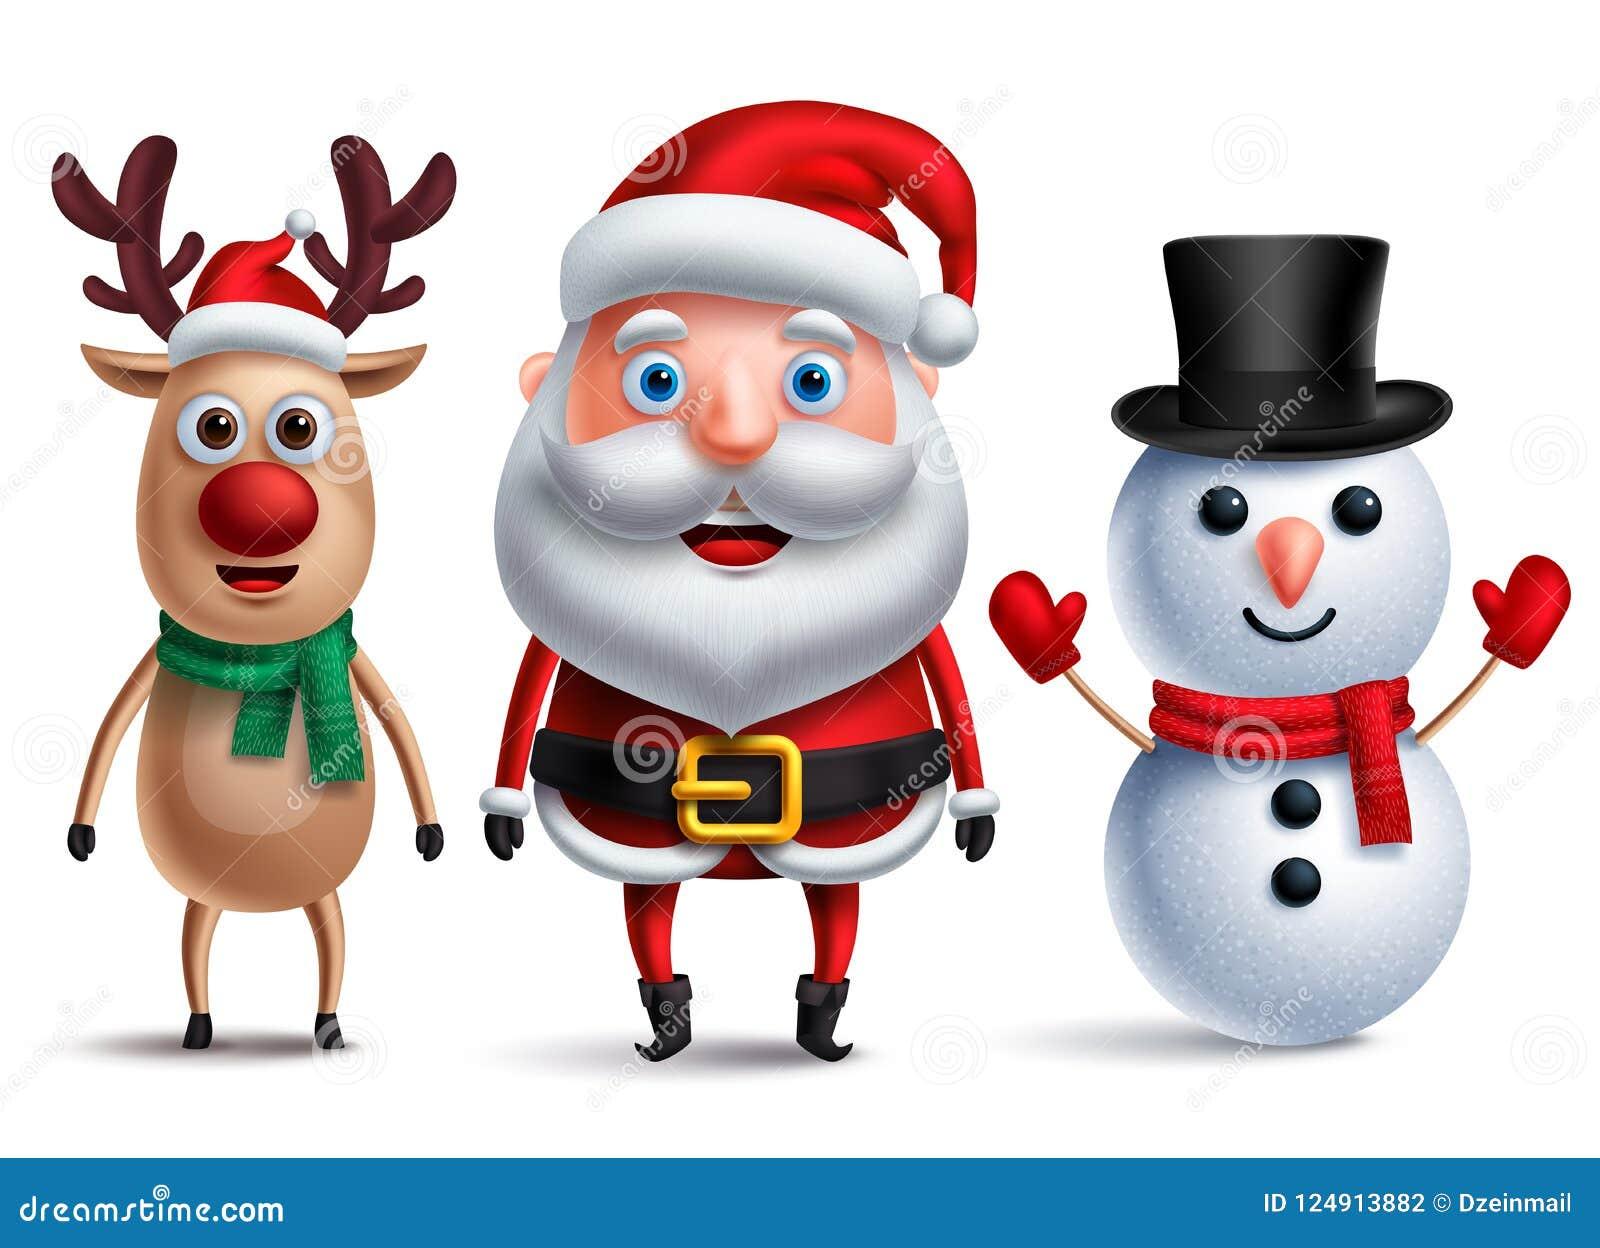 Santa Claus vektortecken med snögubben och rudolph renen